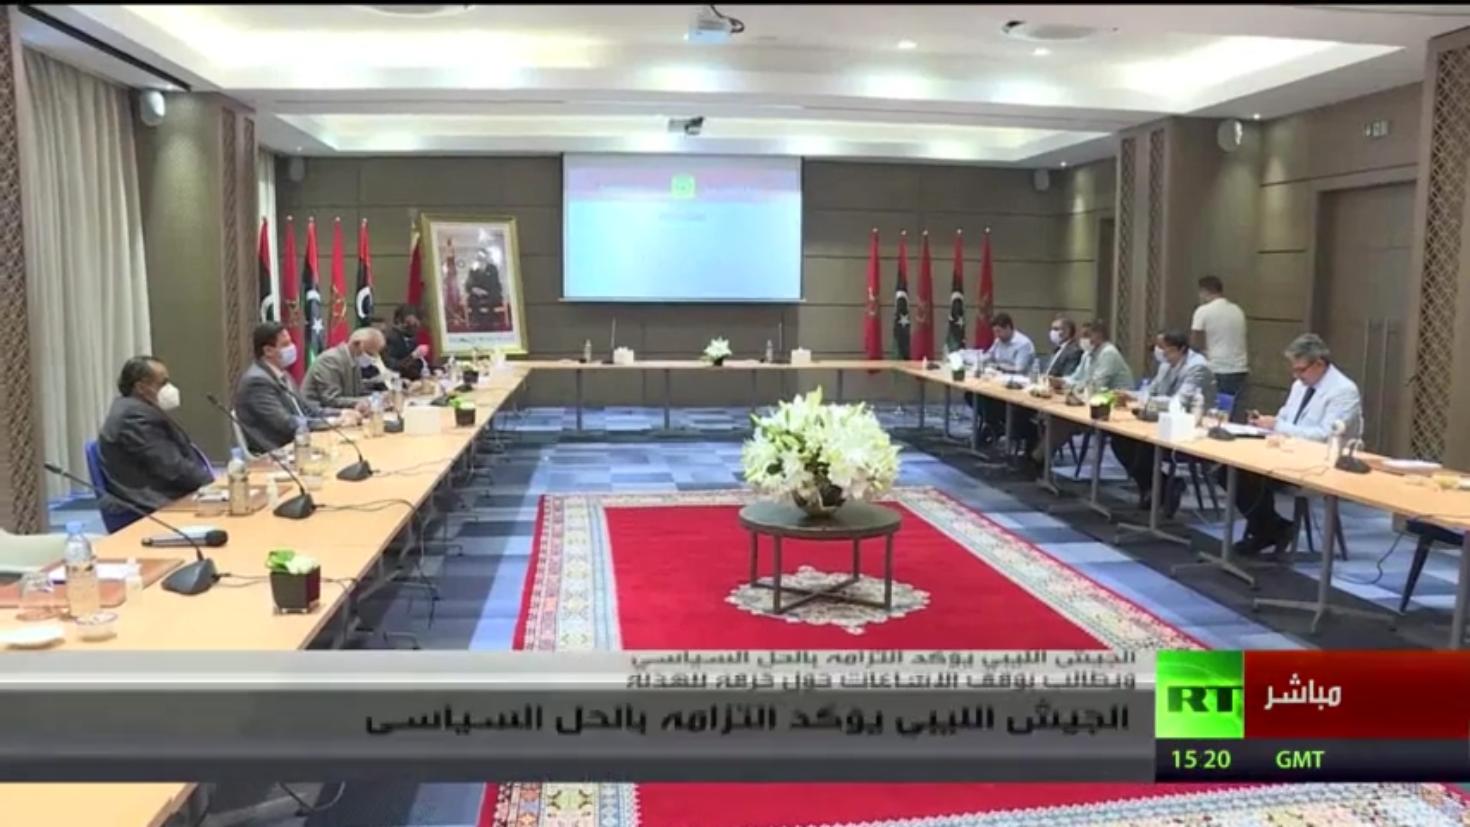 الجيش الليبي يؤكد التزامه بالحل السياسي